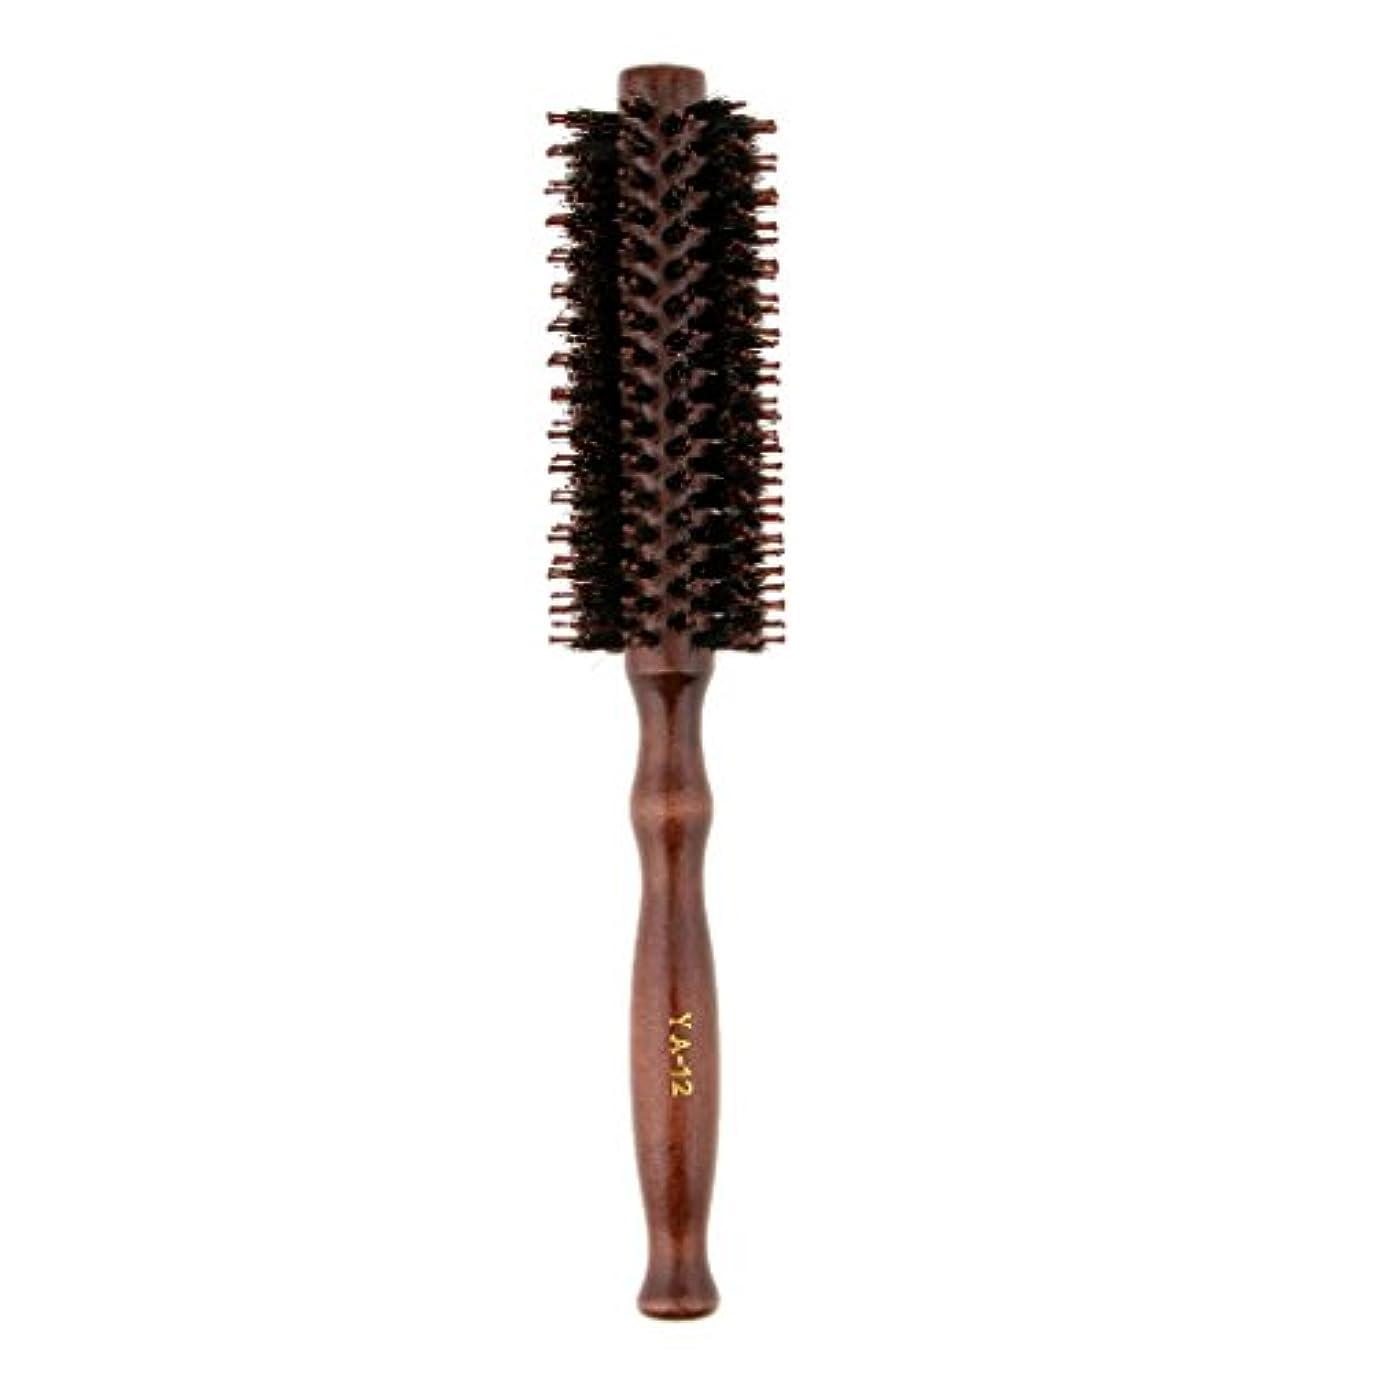 あえぎ給料素晴らしいロールブラシ ヘアブラシ 木製ハンドル 滑らか 仕上げ 速乾性 軽量 理髪 美容 カール 2タイプ選べる - #2